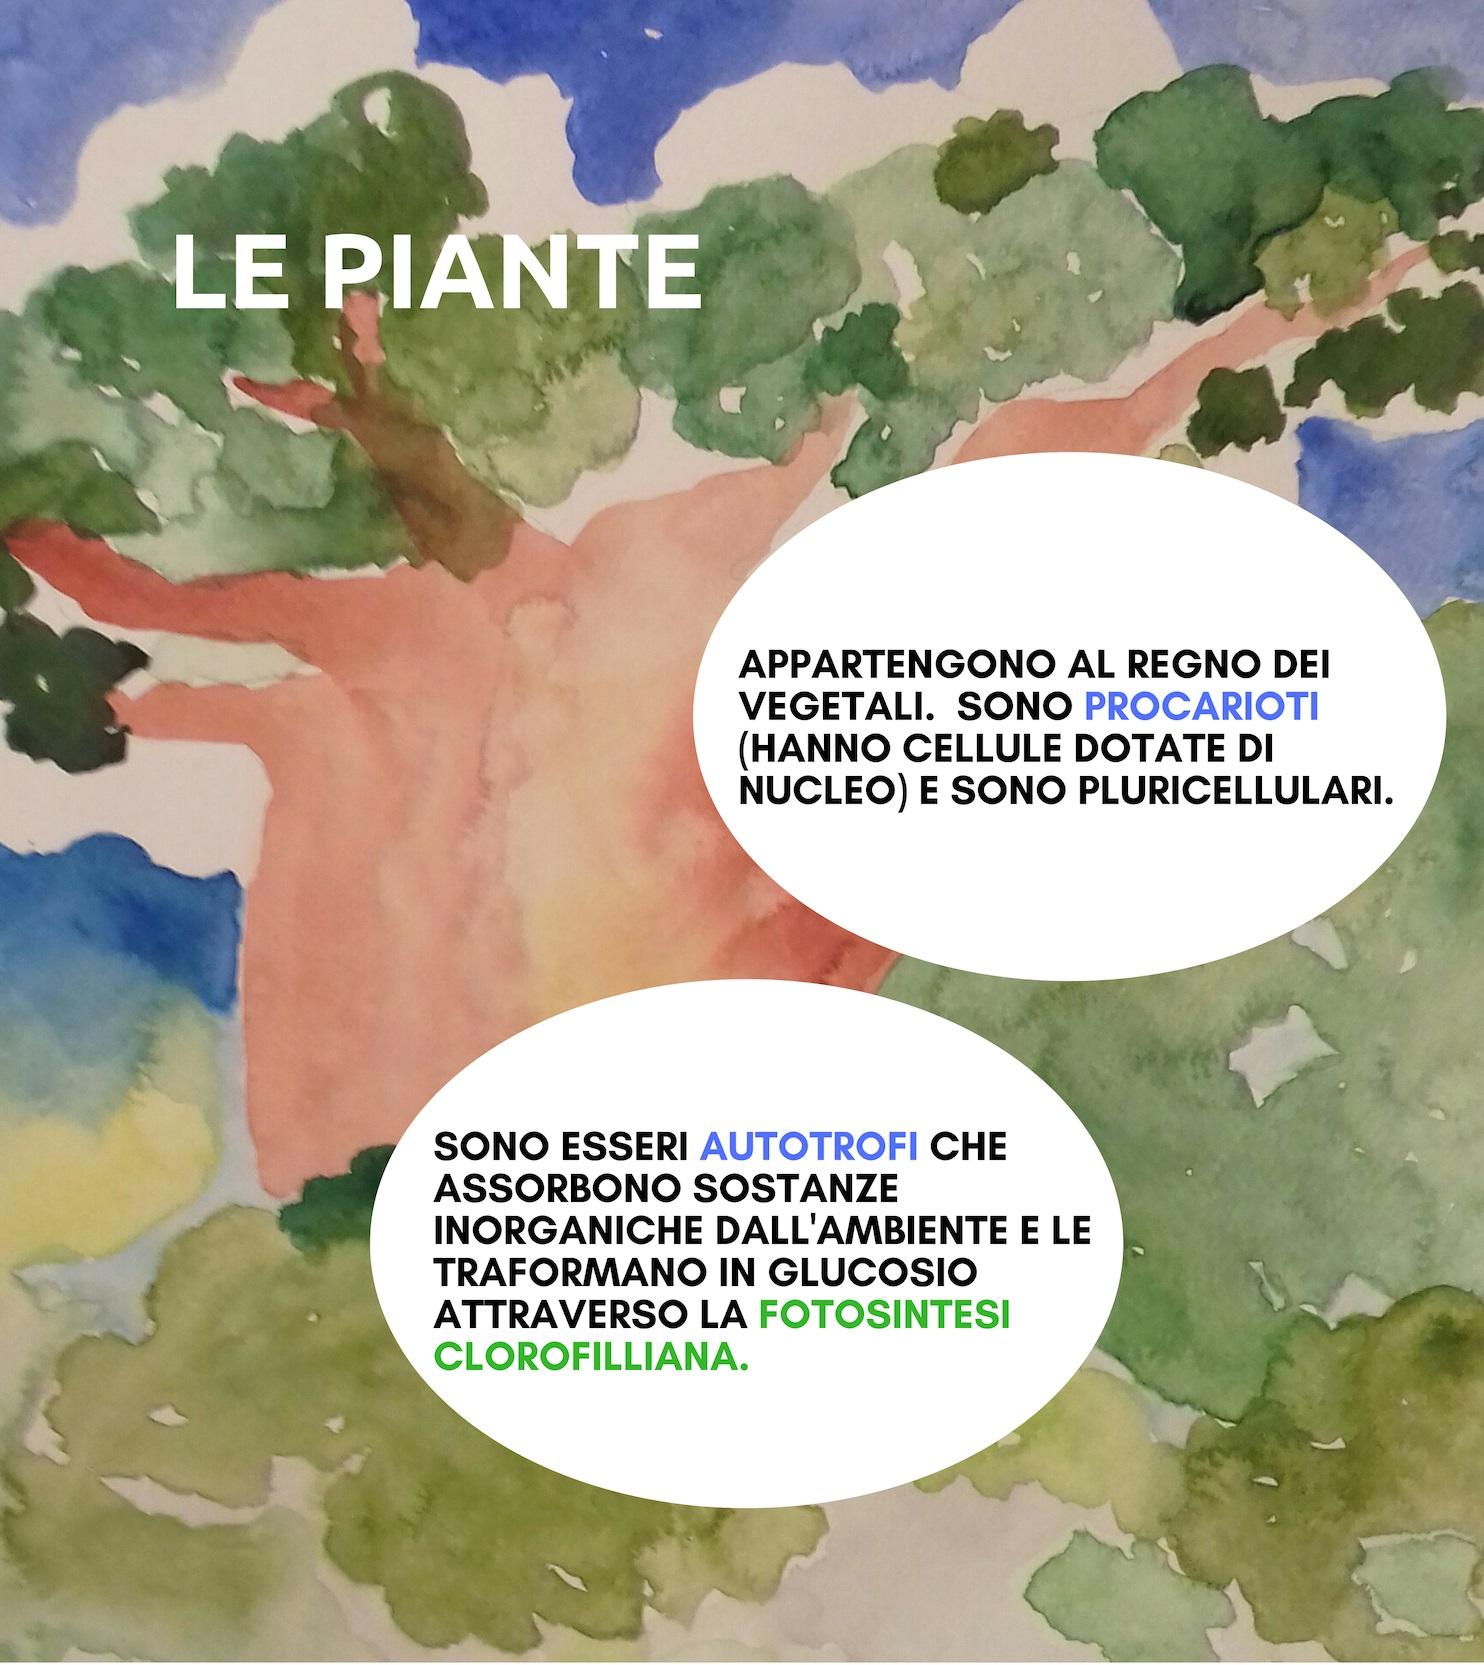 Mappa Concettuale Della Fotosintesi Clorofilliana E Delle